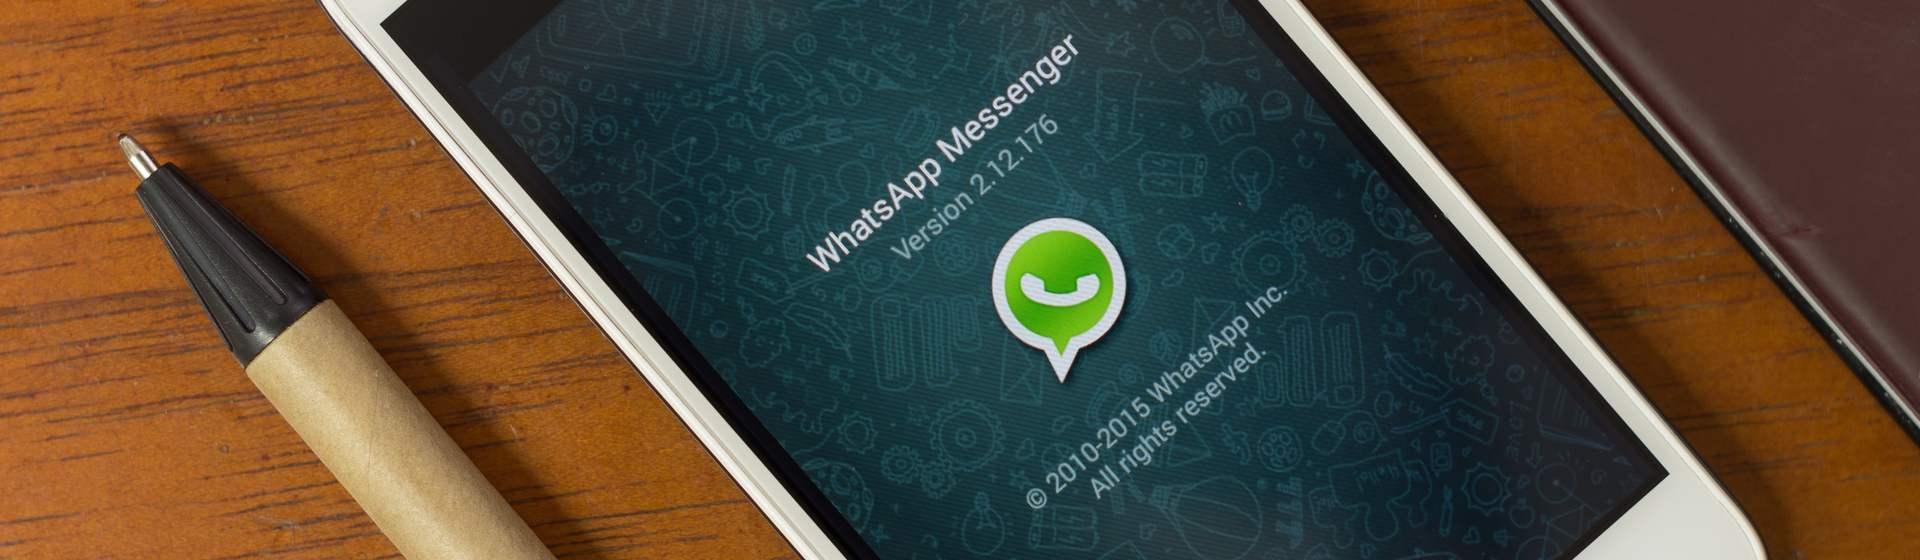 Como criar um link do WhatsApp: veja diferentes maneiras